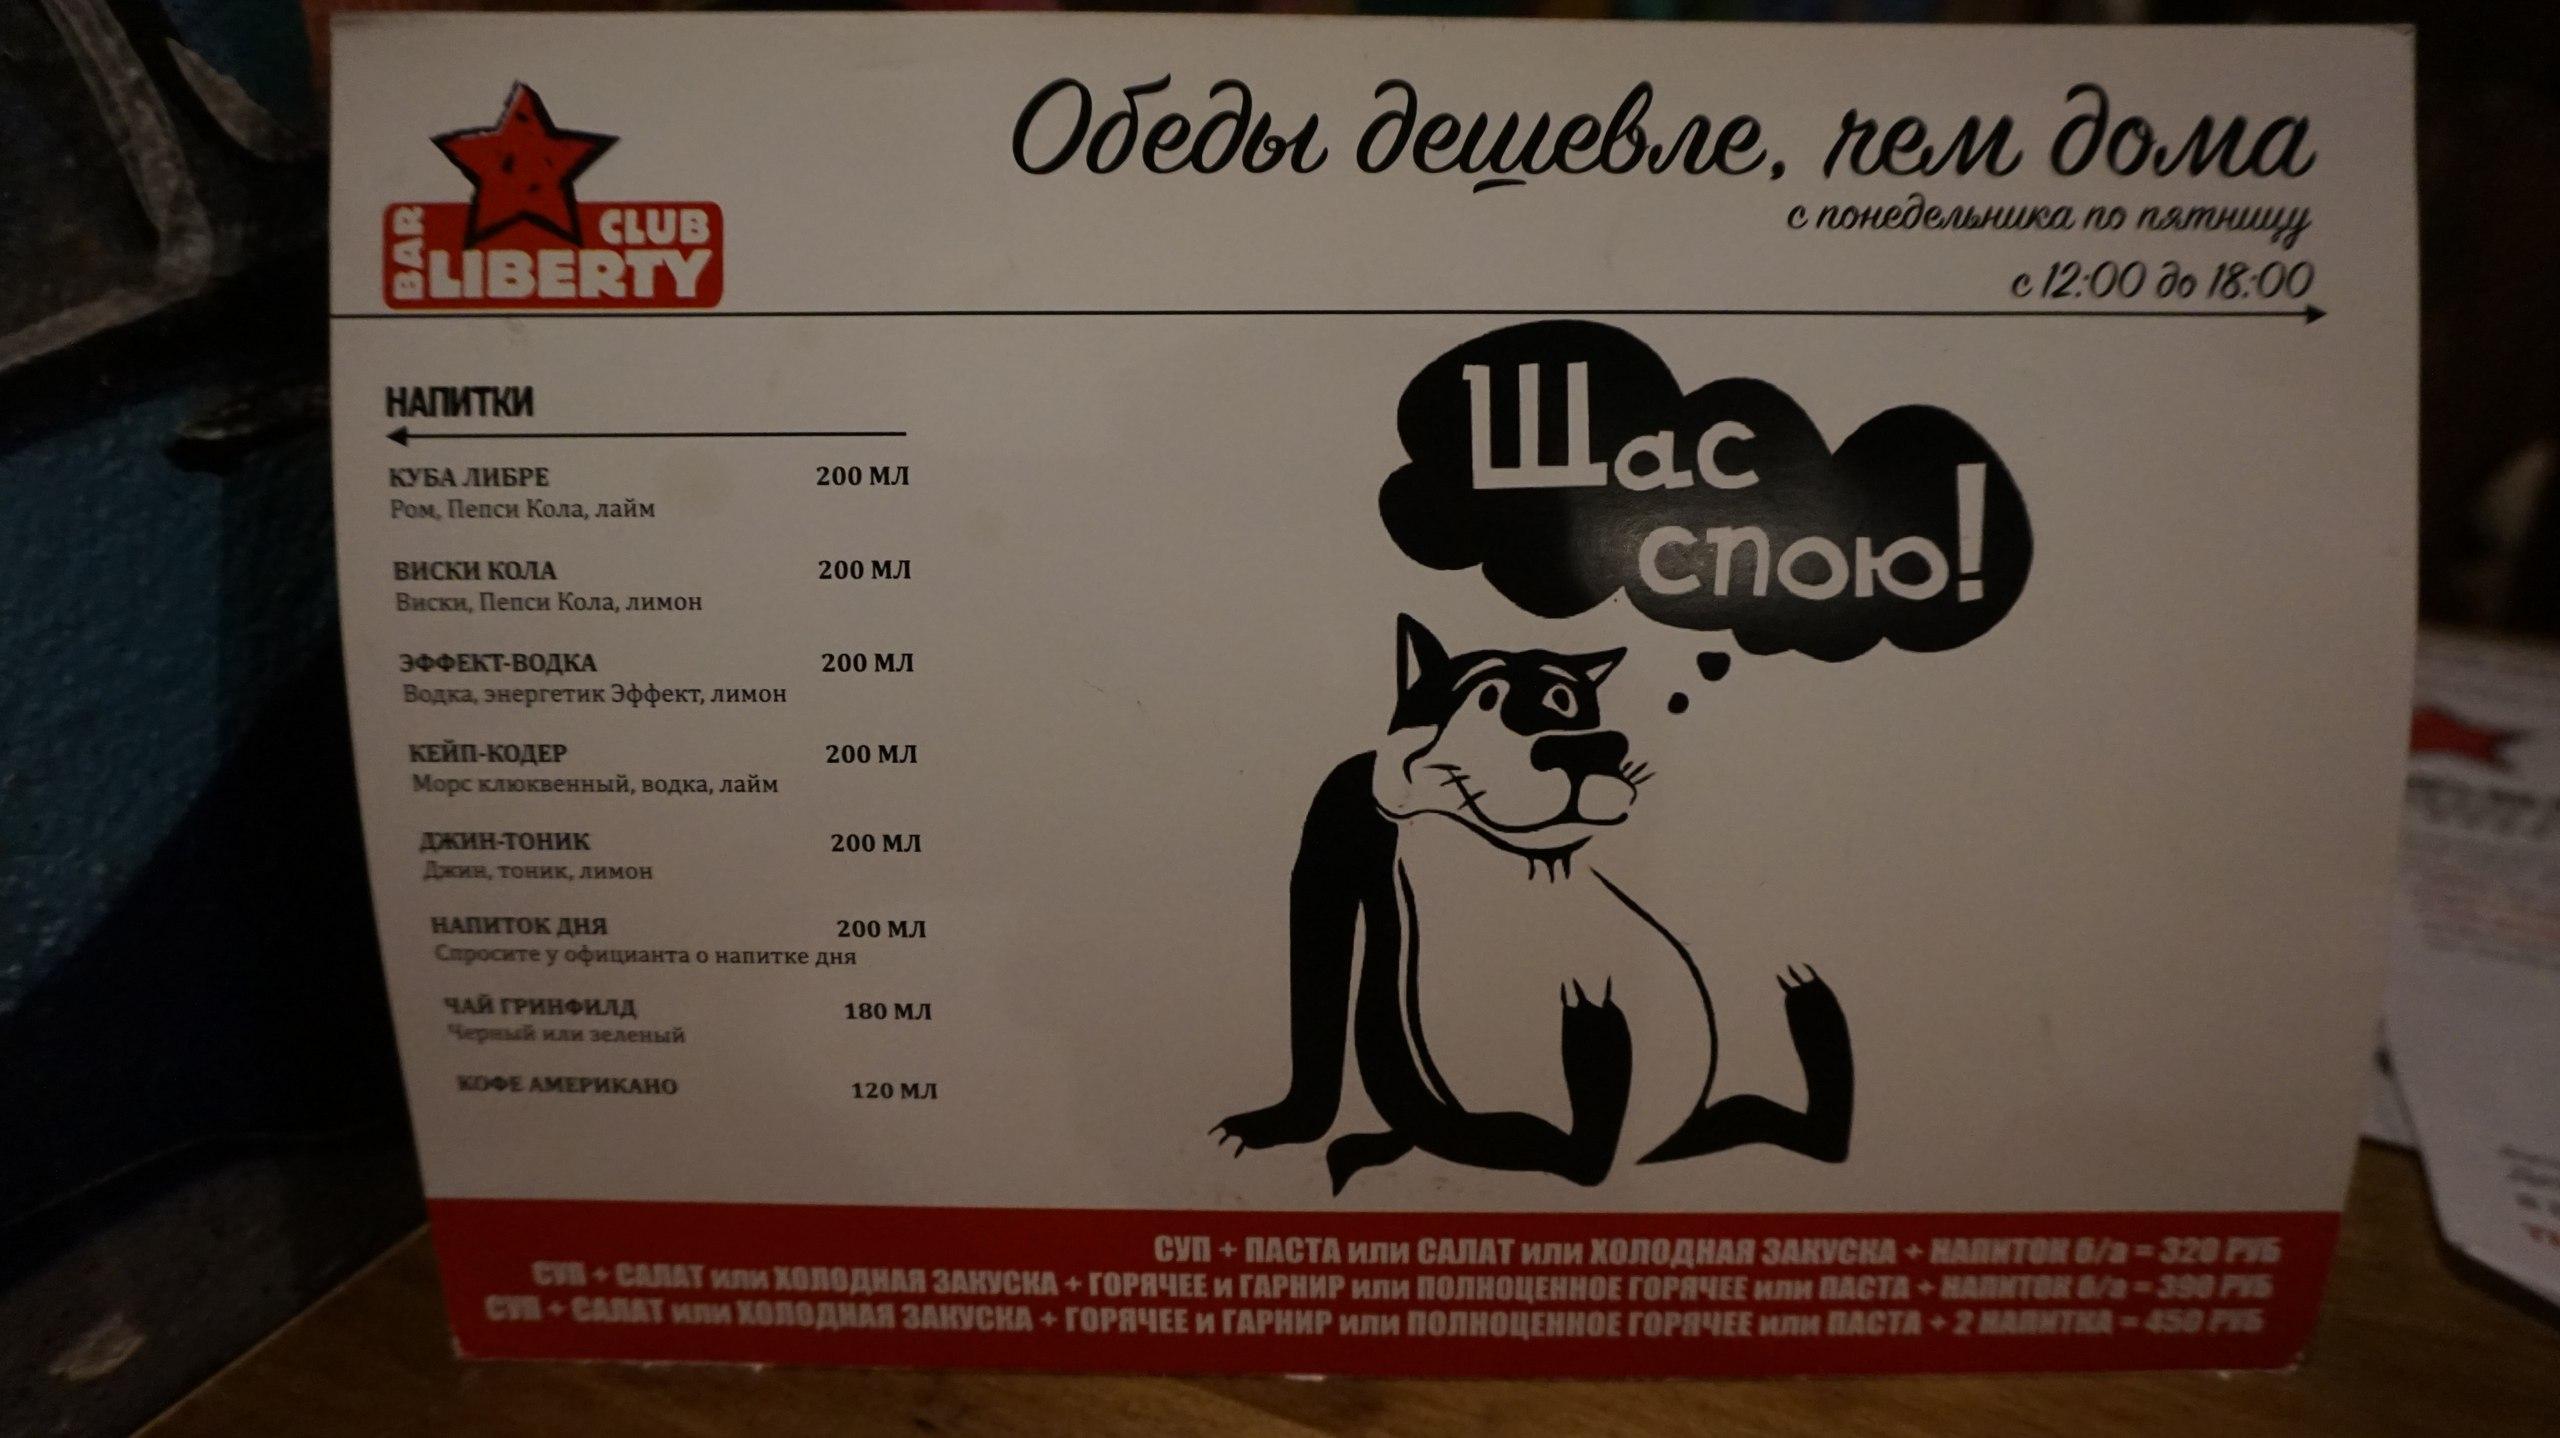 Клуб Liberty. Самое хамское отношение к клиентам в Москве